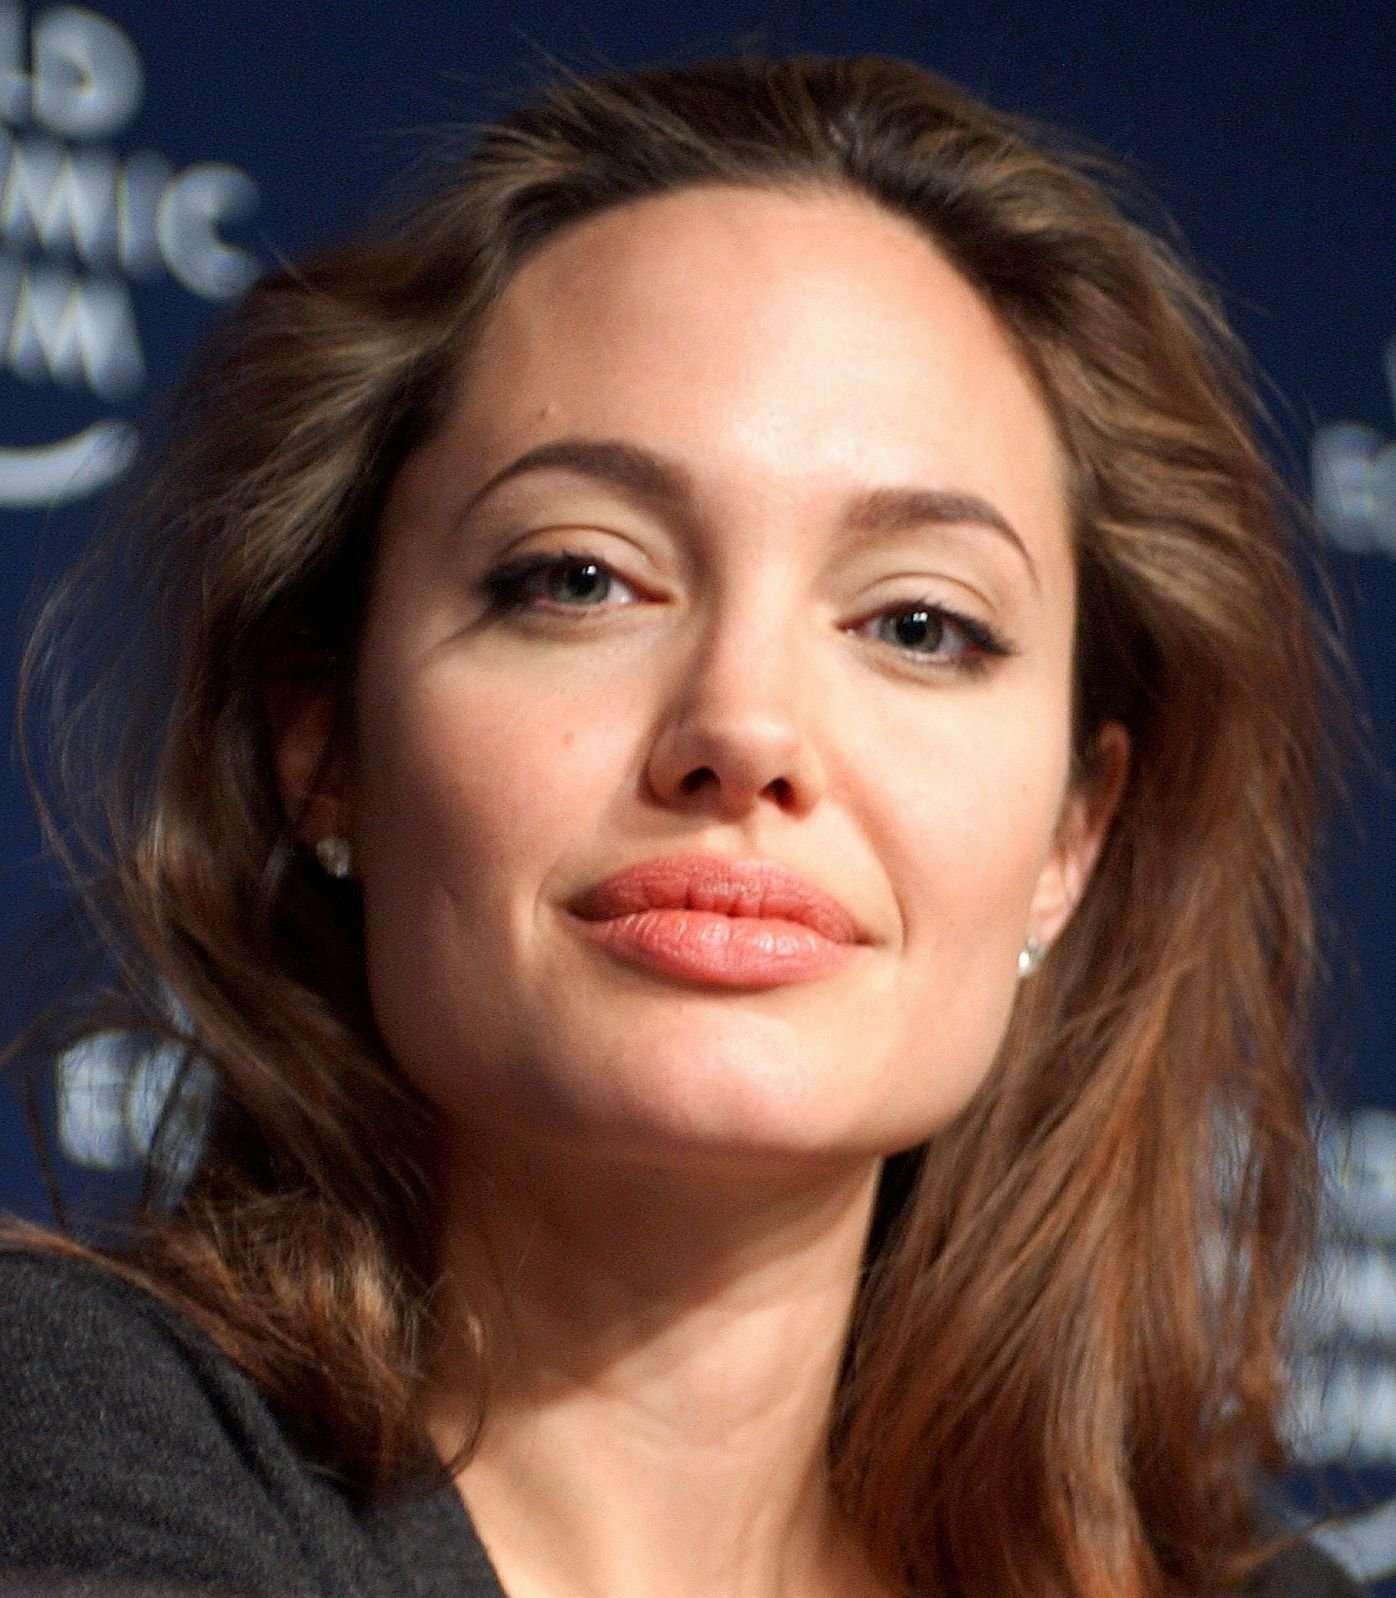 Angelina Jolie courtesy Remy Steinegger (CC SA 3.0